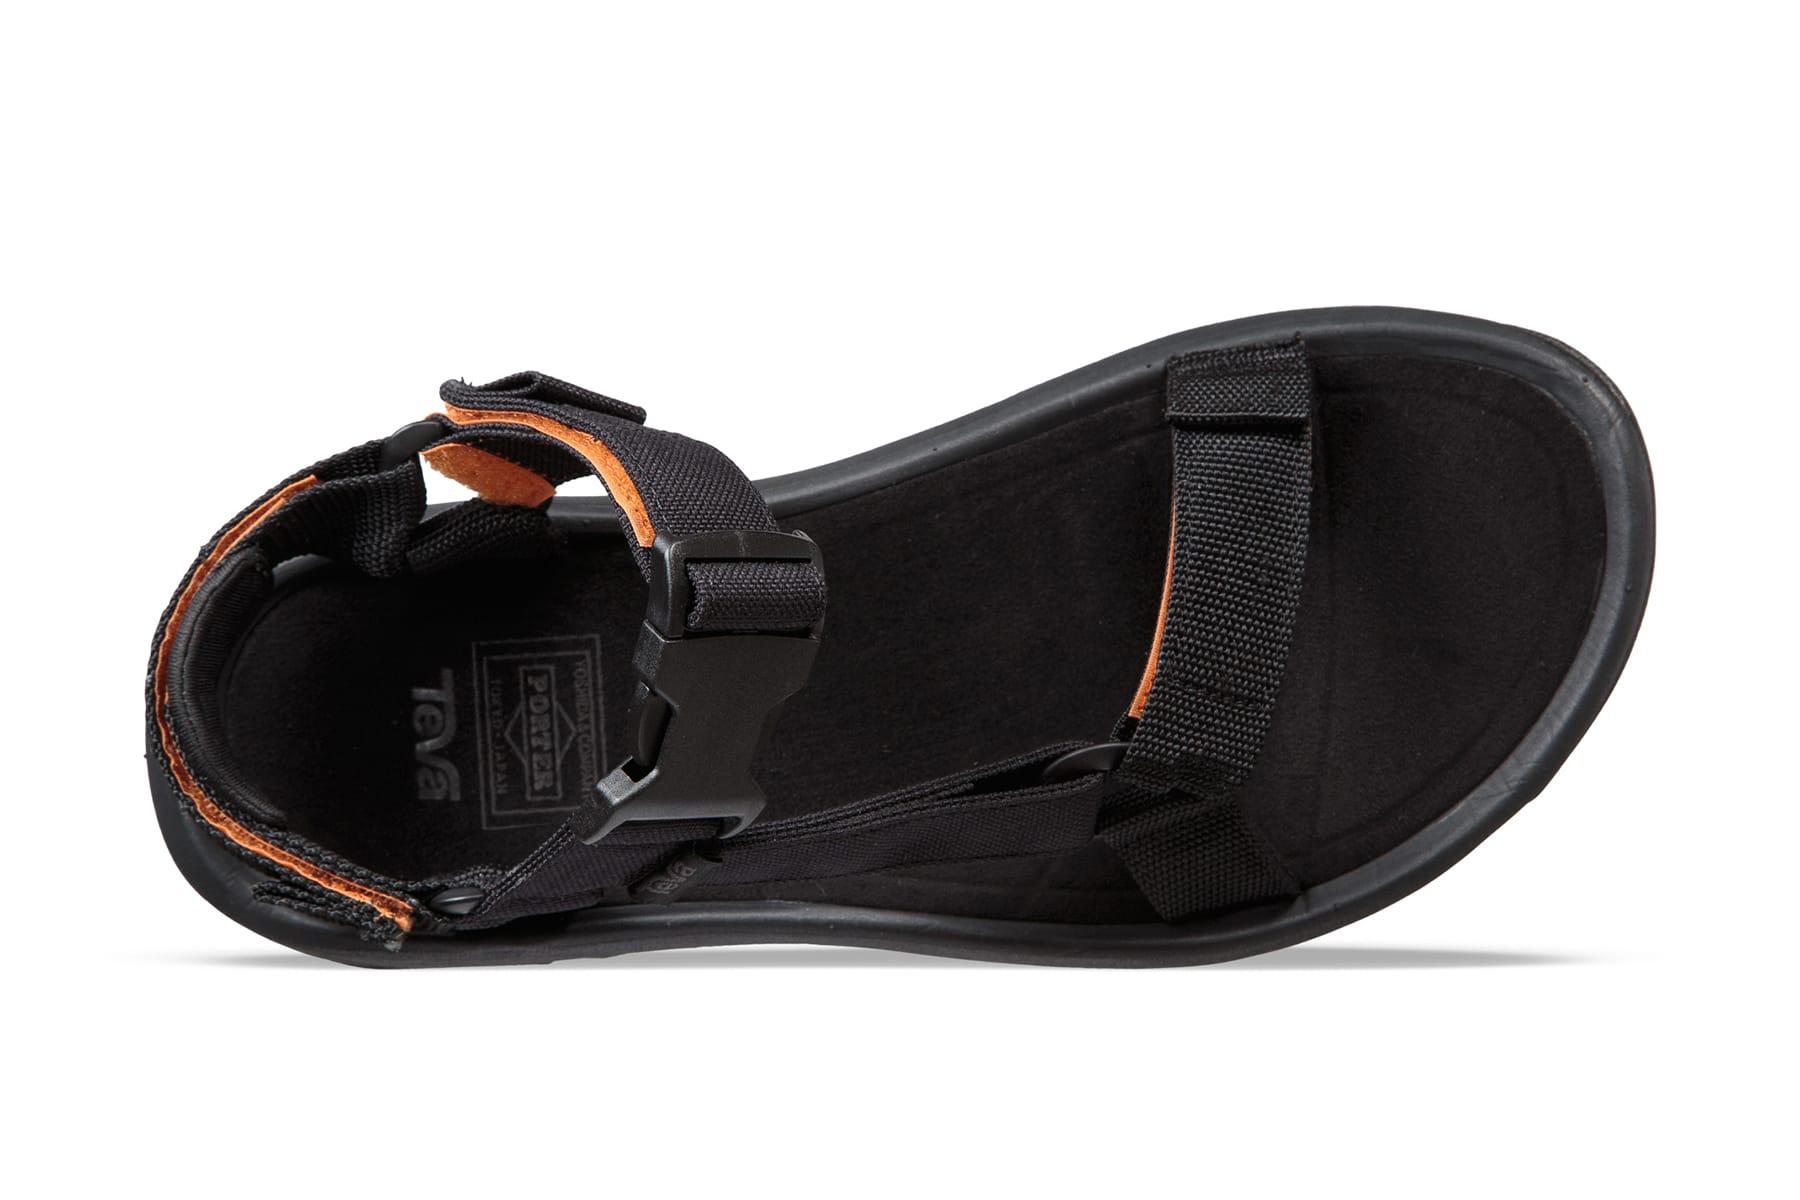 PORTER x Teva HURRICANE XLT 2 Sandal